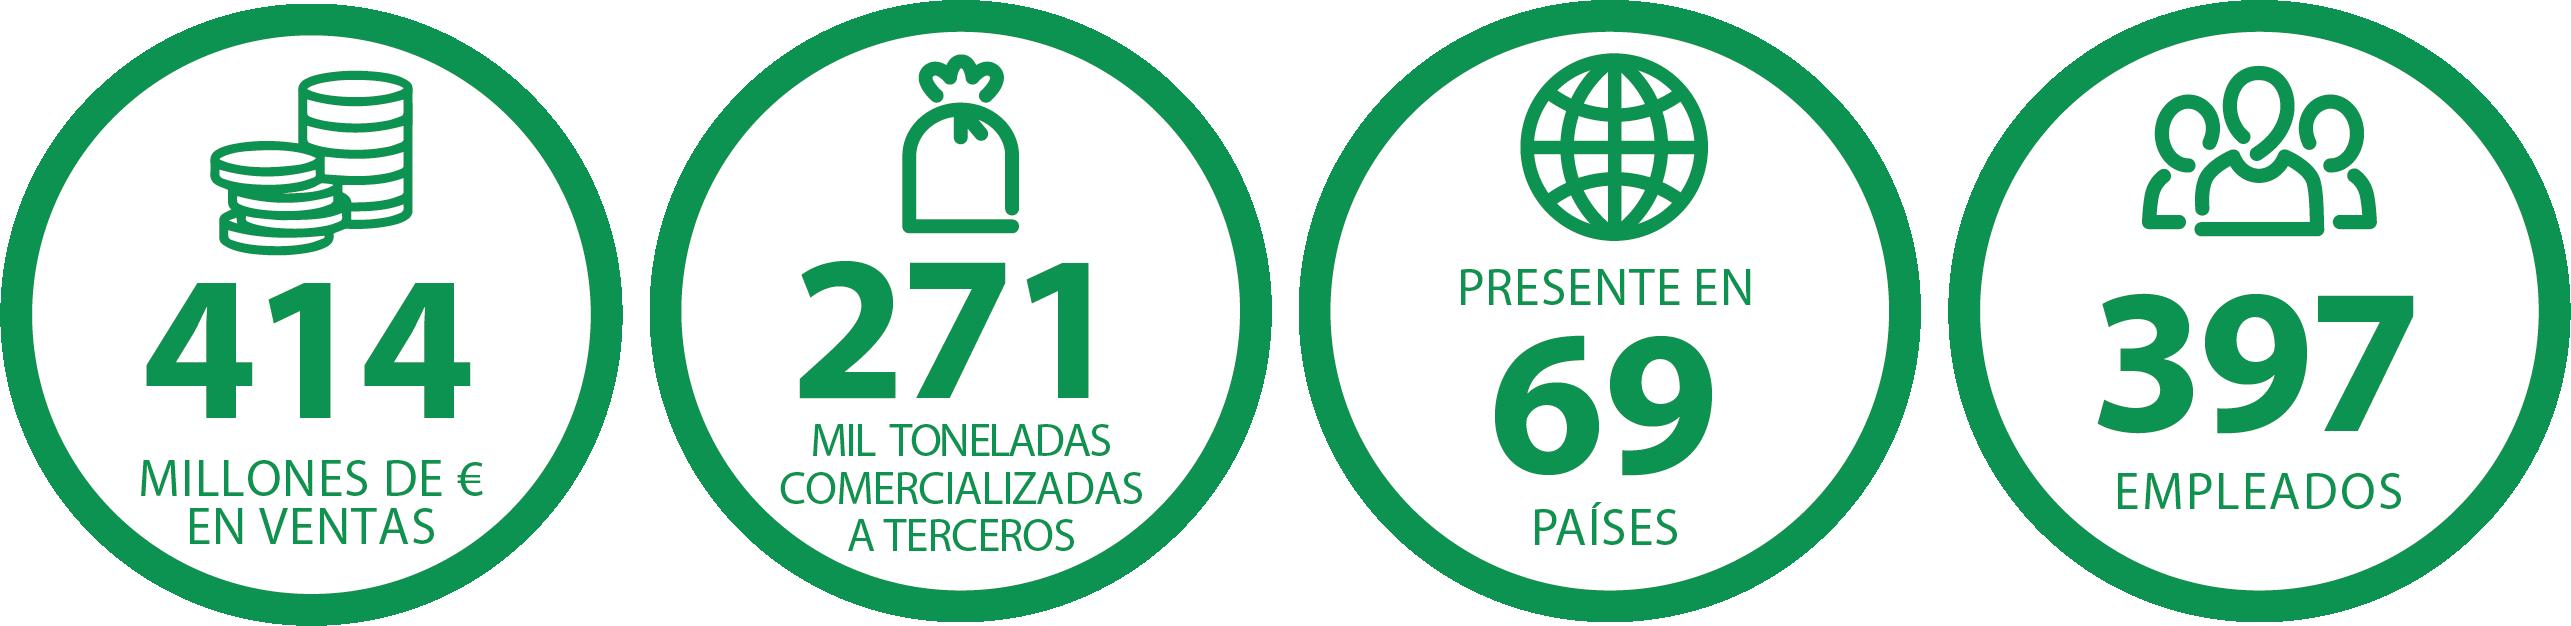 Datos de Borges Internacional en el mundo